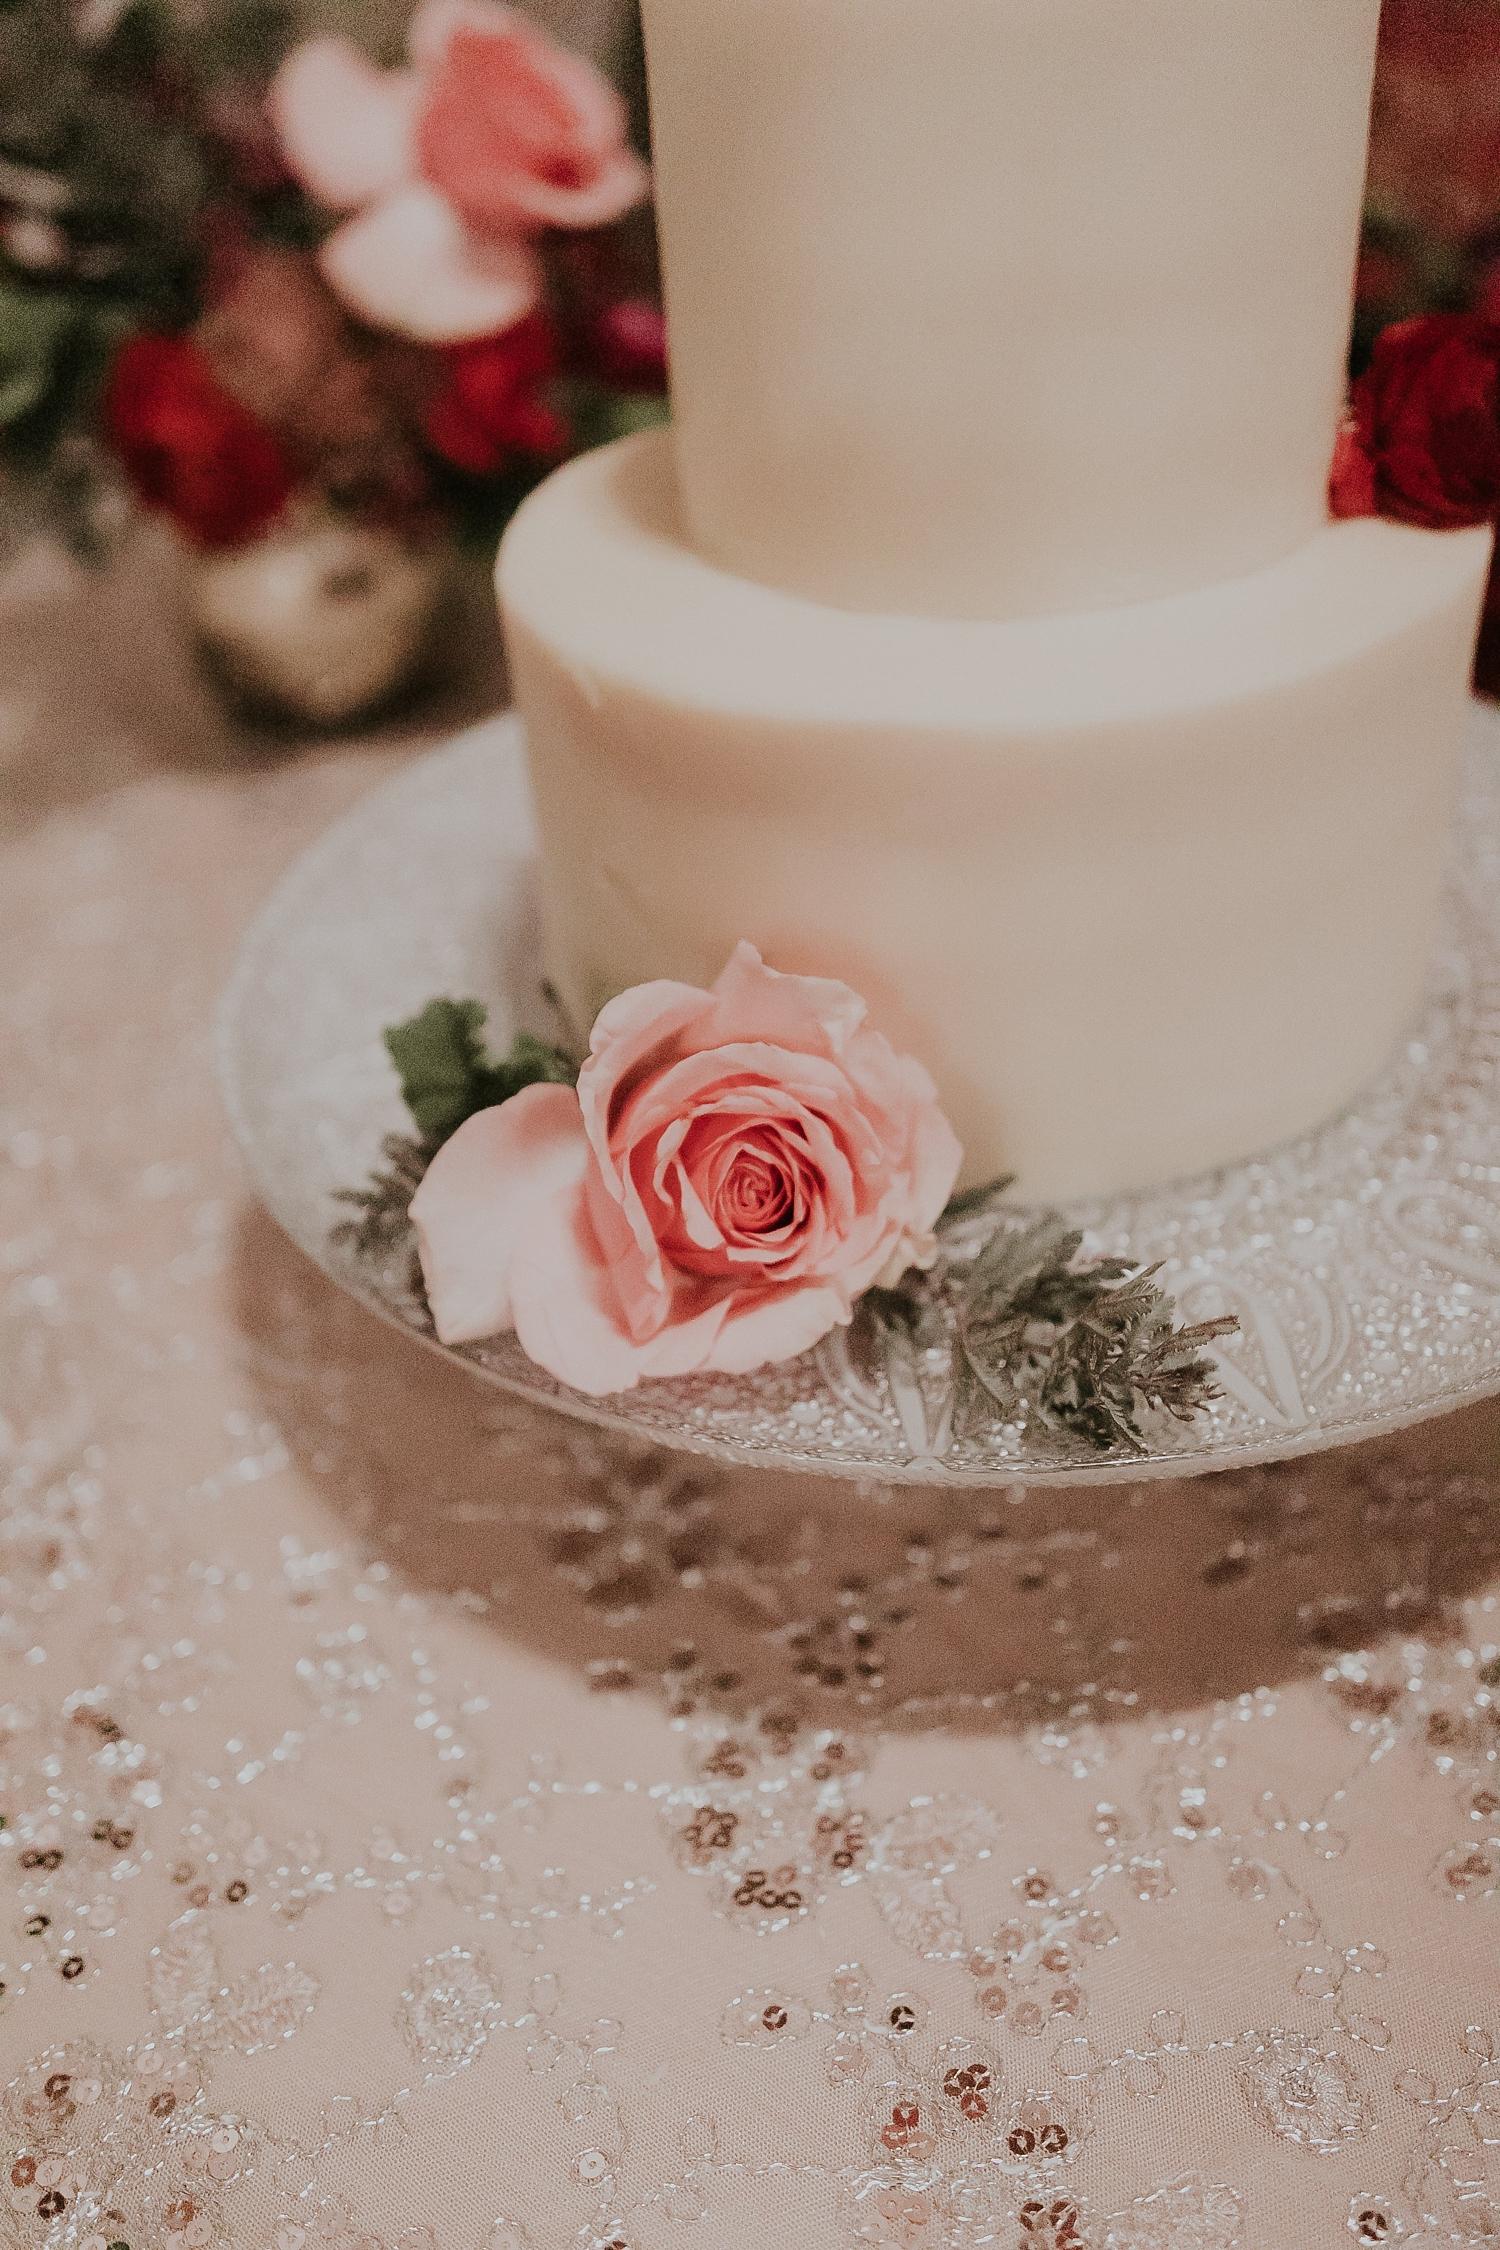 Alicia+lucia+photography+-+albuquerque+wedding+photographer+-+santa+fe+wedding+photography+-+new+mexico+wedding+photographer+-+la+fonda+wedding+-+la+fonda+fall+wedding+-+intimate+la+fonda+wedding_0055.jpg